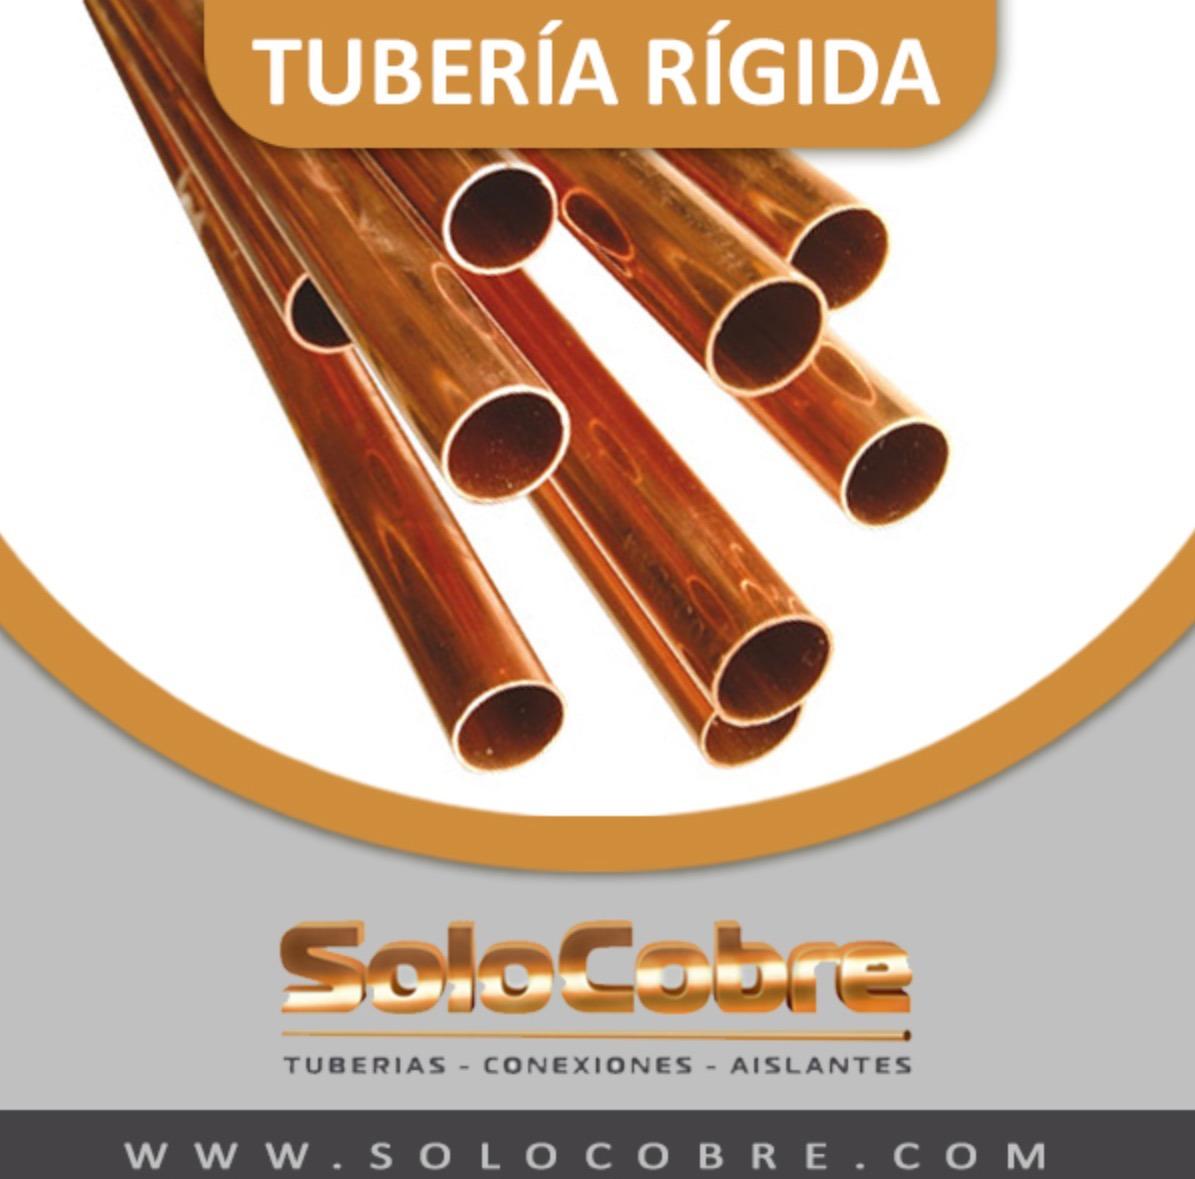 Tuberias de cobre conexiones armaflex solocobre - Tuberia cobre precio ...